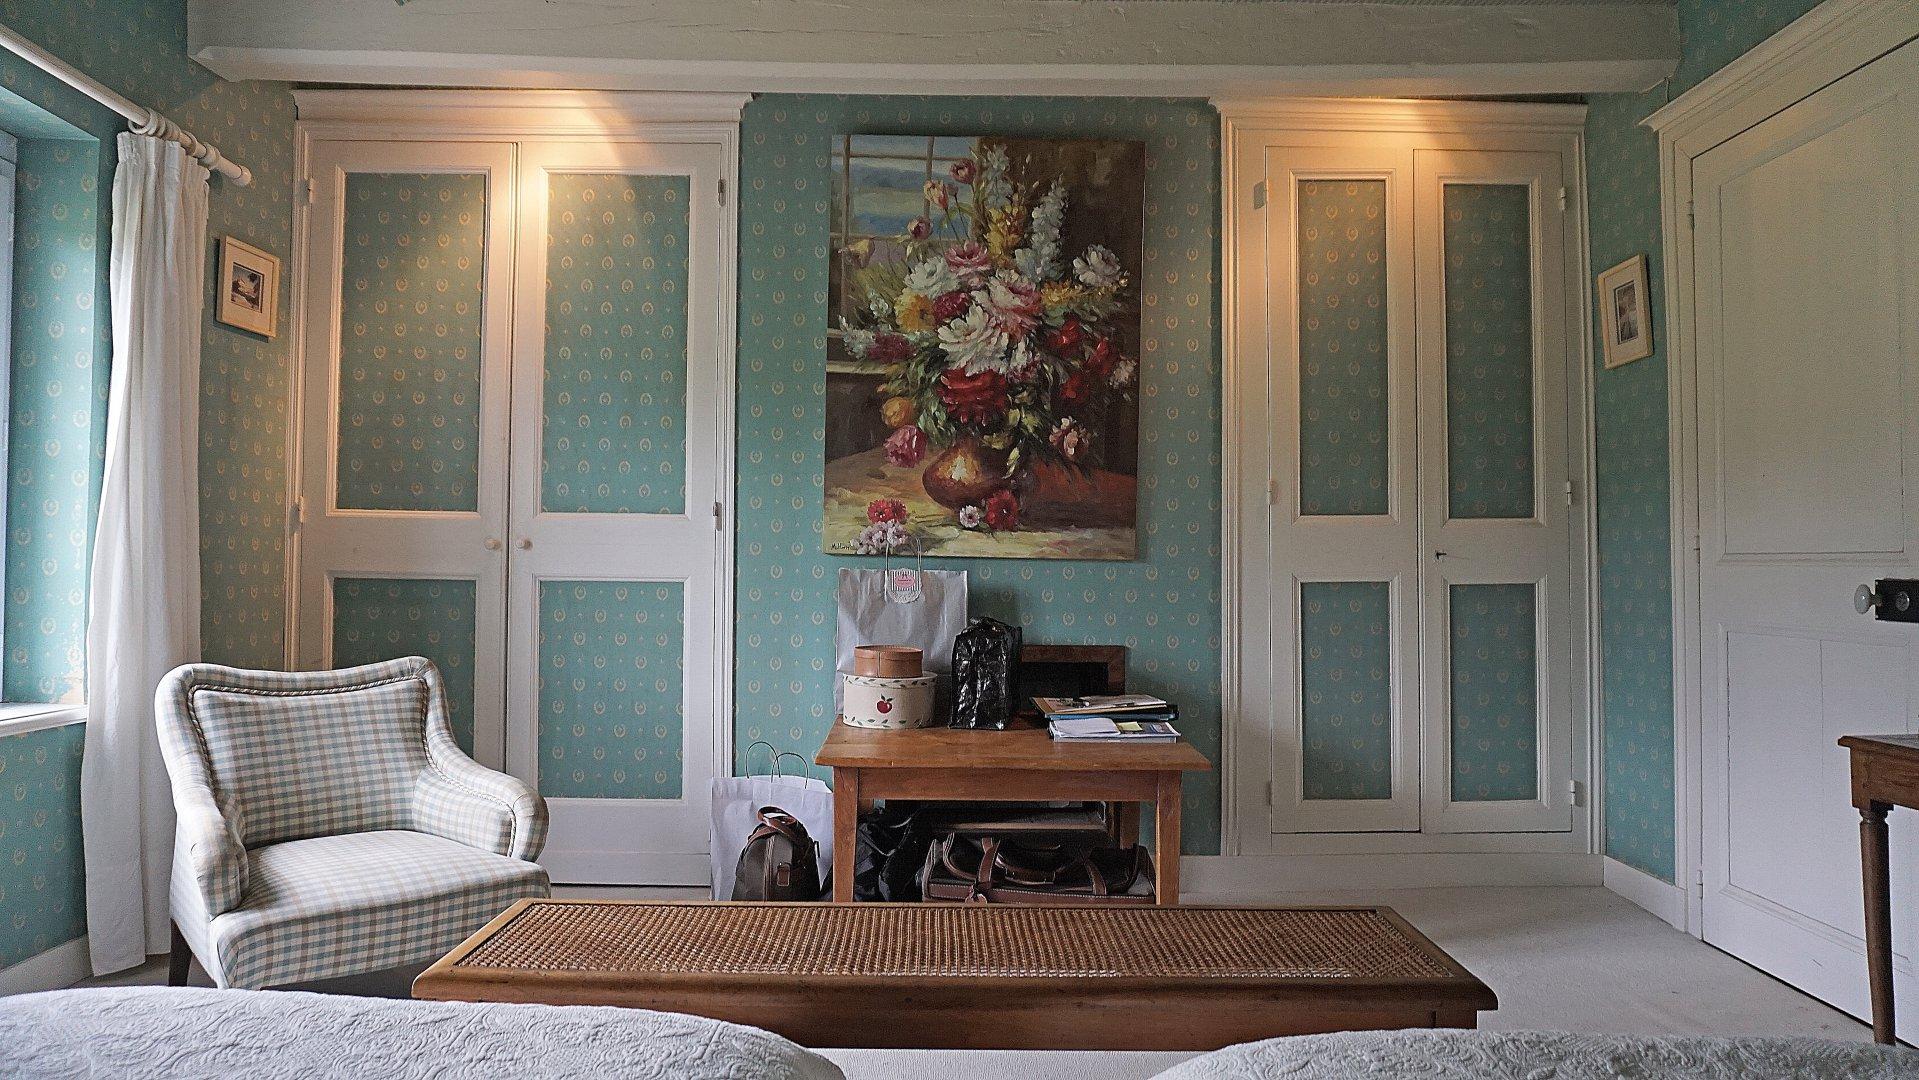 PAYS D'AUGE-CAVADOS 30 minutes de Deauville une maison , sa maison d'amis, une piscine, 2ha20 de terrain